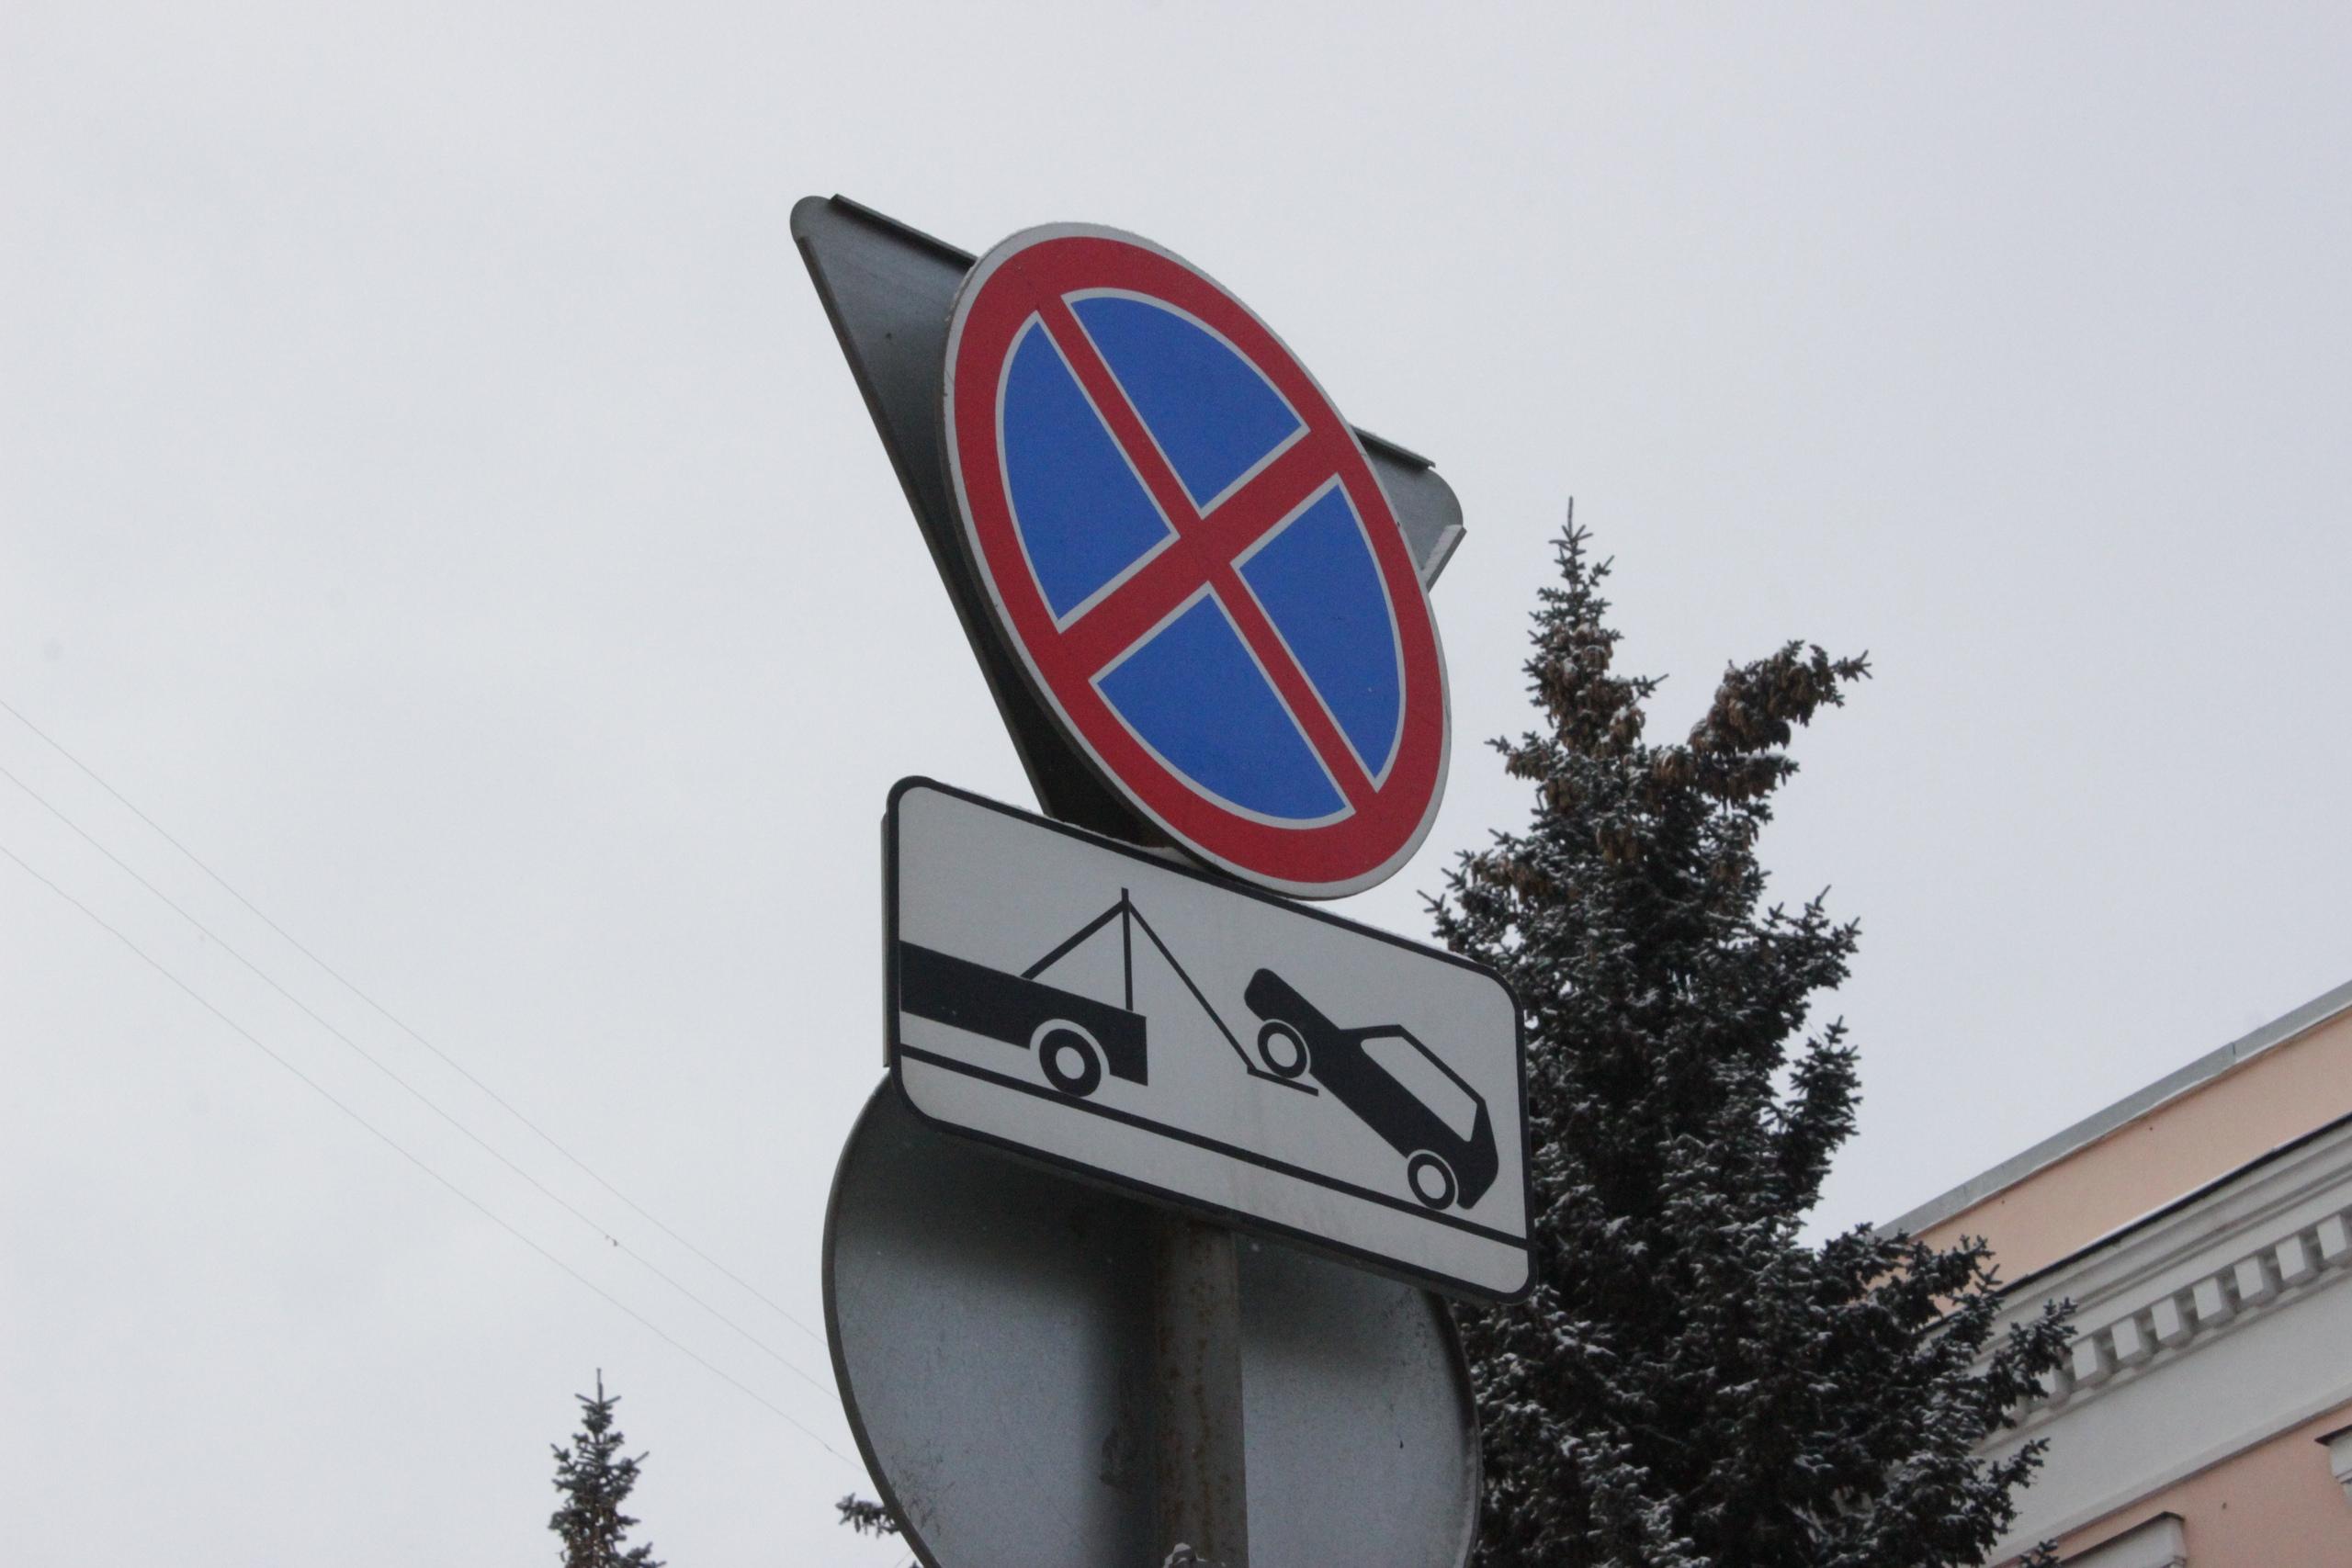 В Твери временно ограничат движение и парковку на нескольких улицах - новости Афанасий